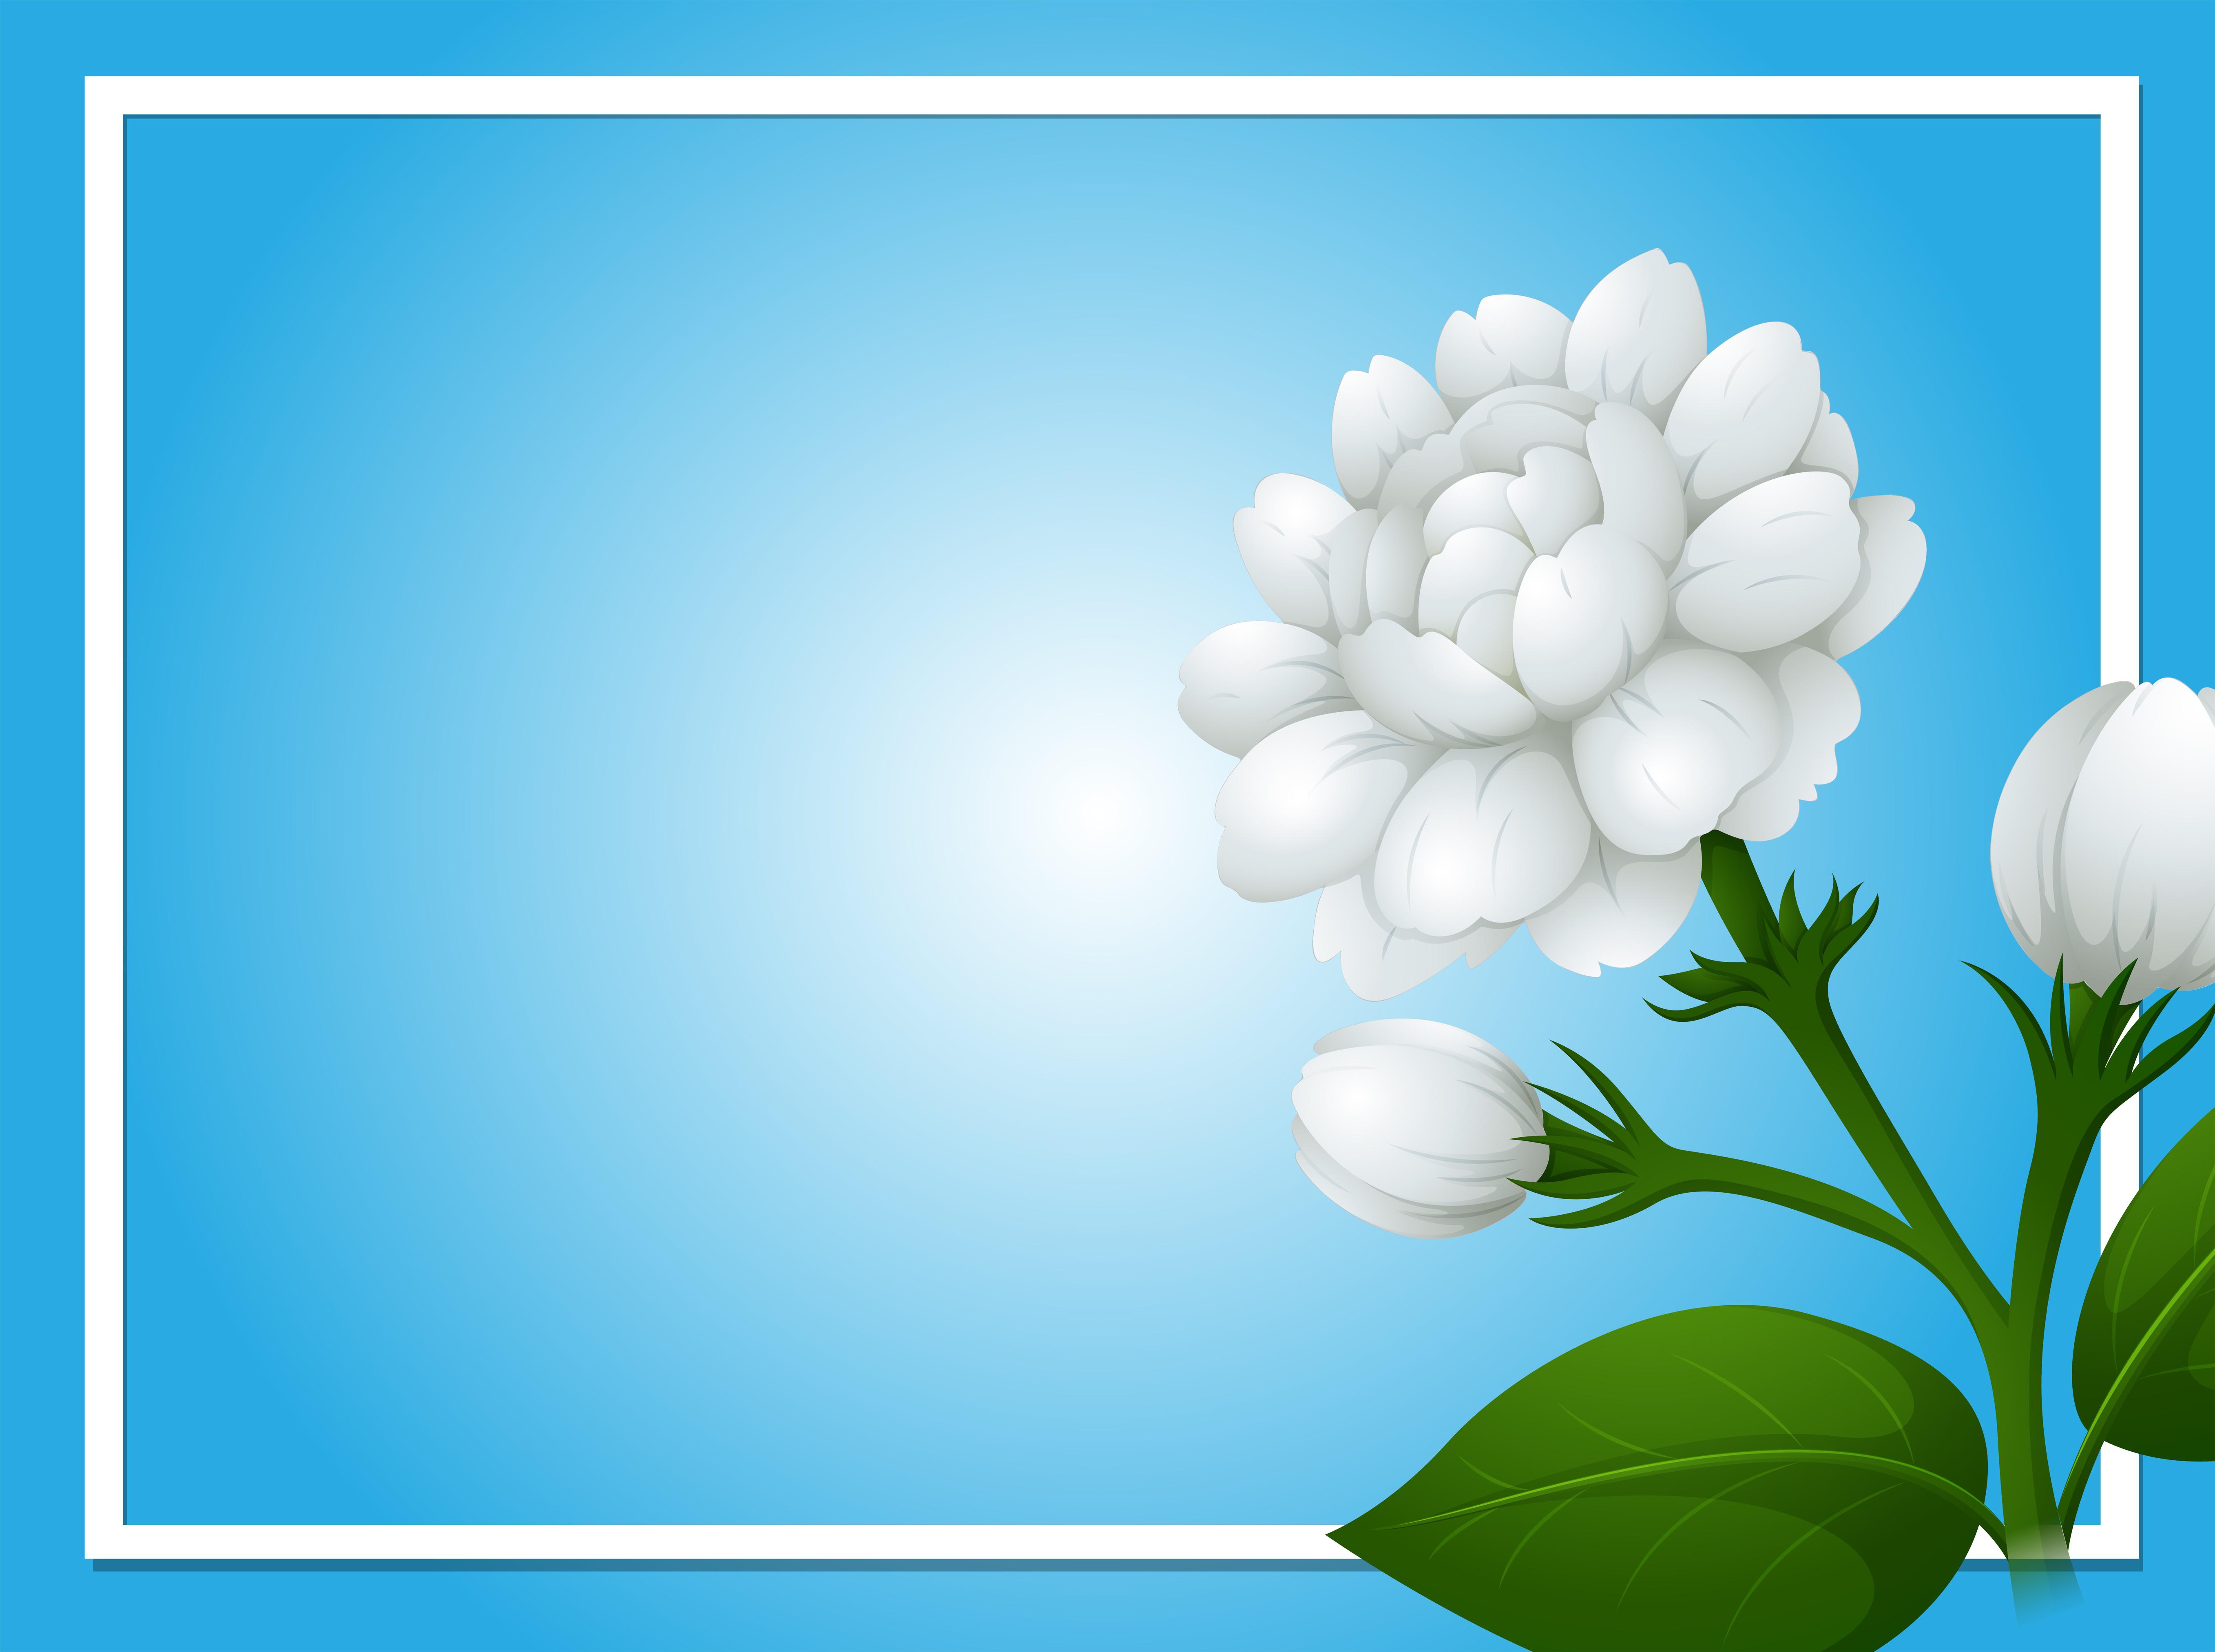 Jasmine Flower Illustration